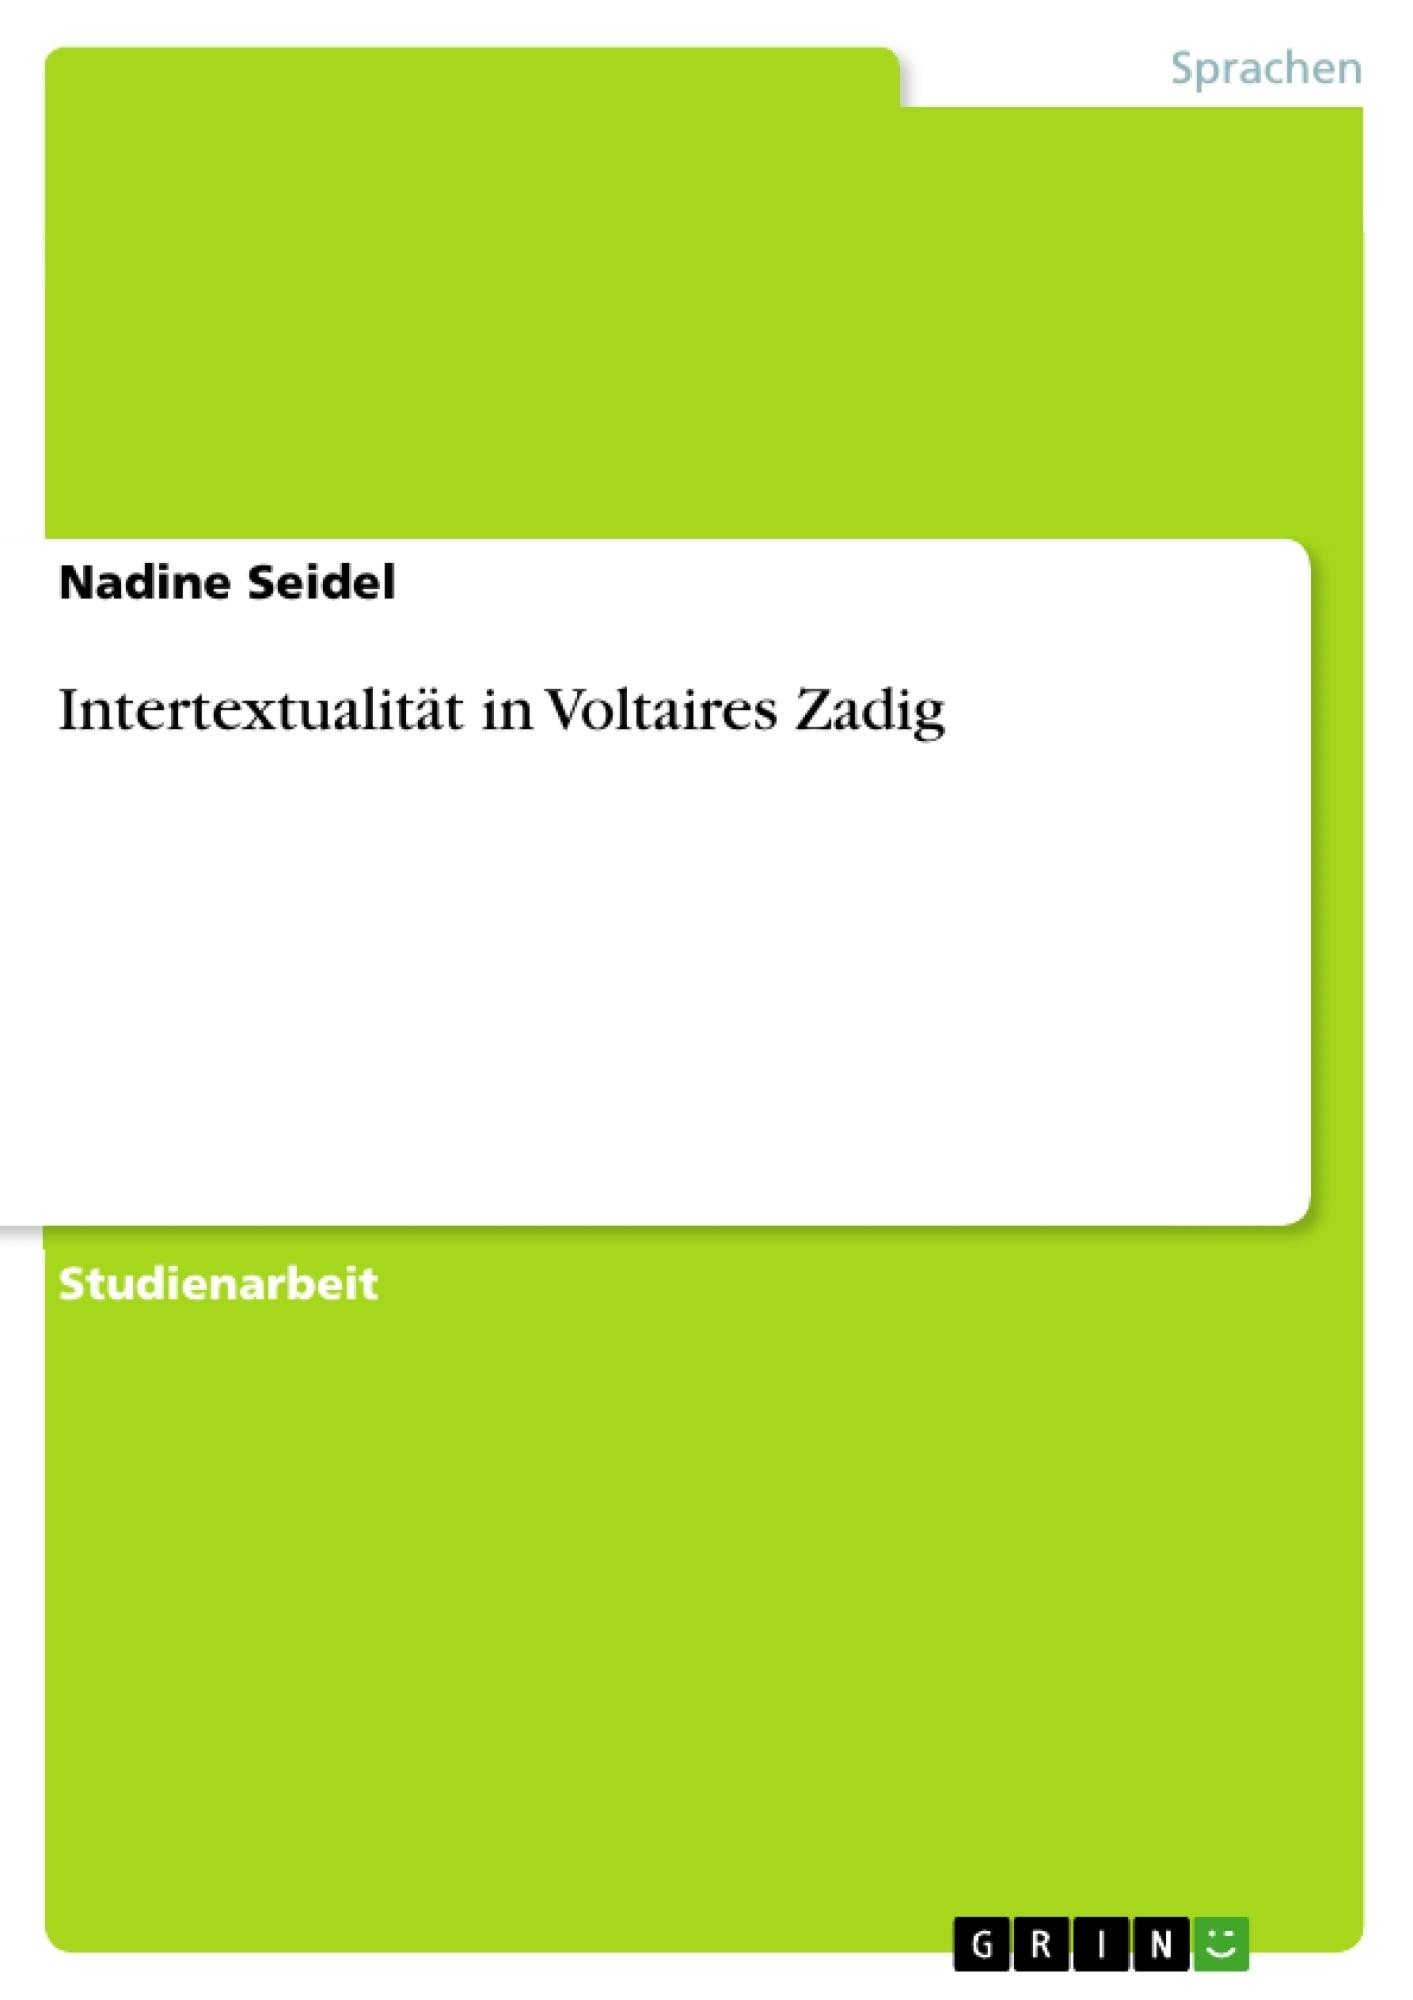 Titel: Intertextualität in Voltaires Zadig